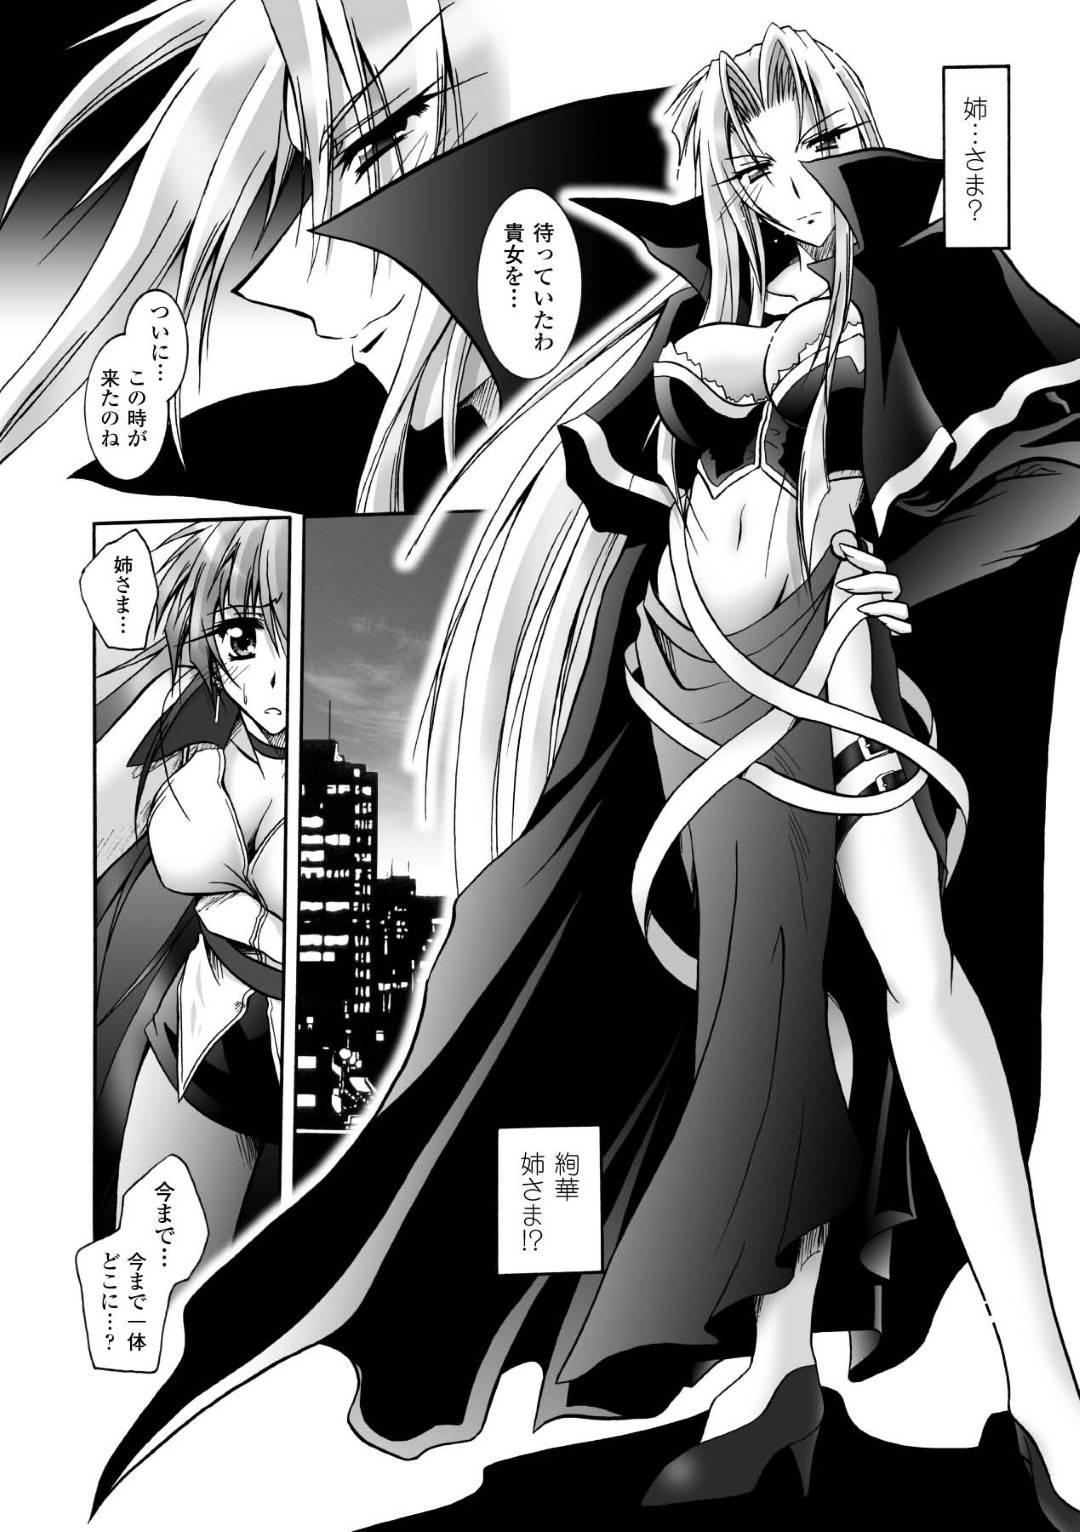 【エロ漫画】女探偵は総合病院に淫魔捜査の協力と自信の火照り具合を相談する。検査という名目のもとで体全身責めを行い、欲情している事を確認する。アナルで感じてしまう素直な身体で連続イキSEX!